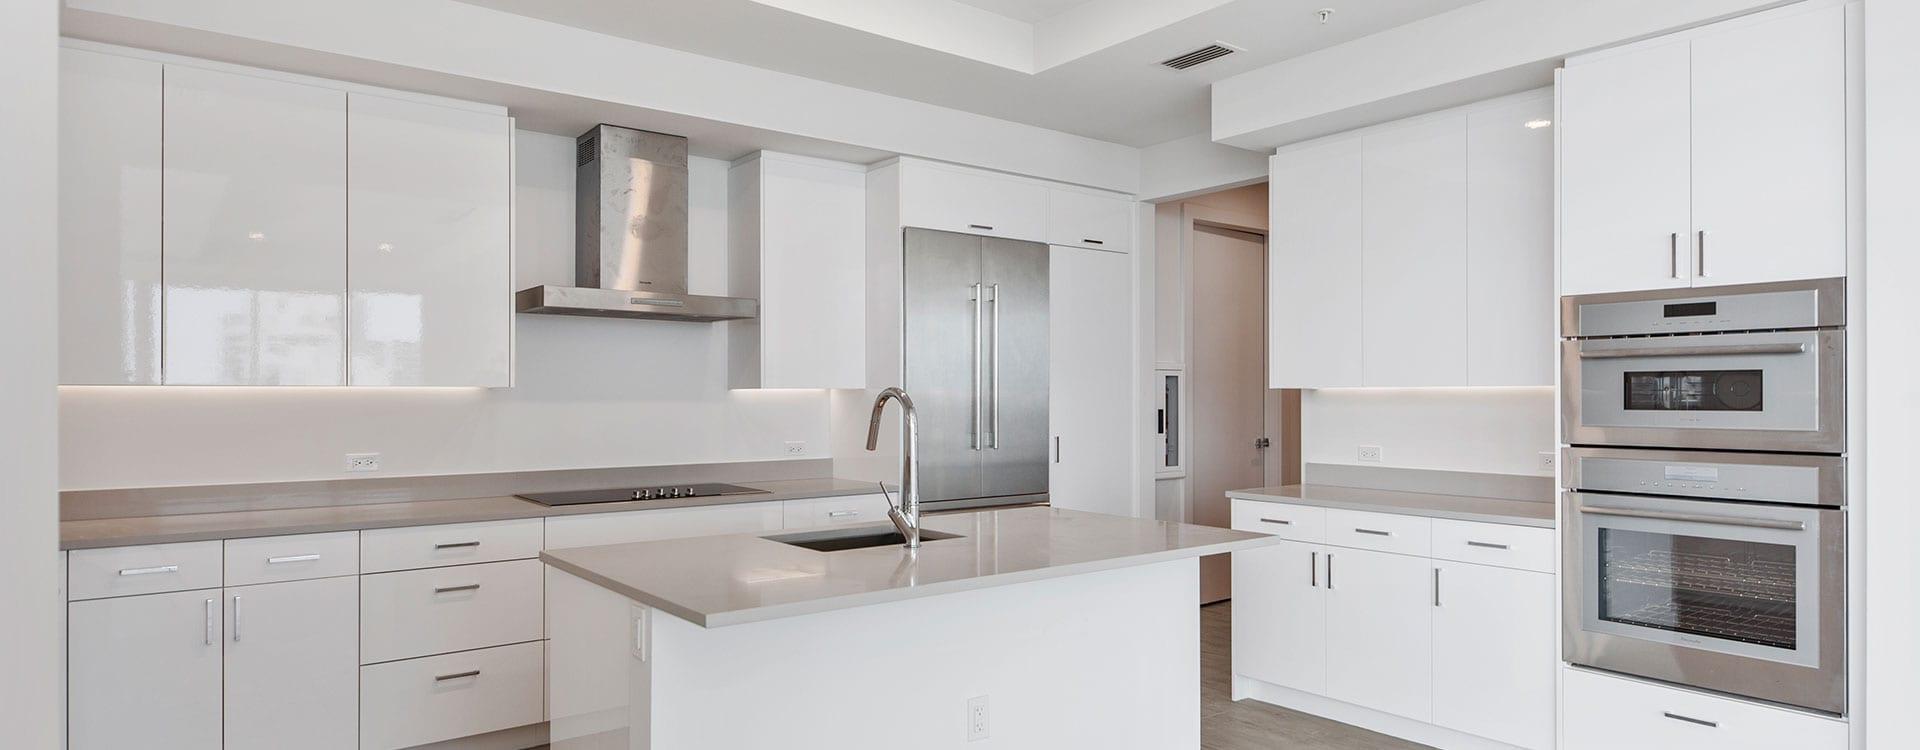 BLVD Sarasota Residence 901 Kitchen